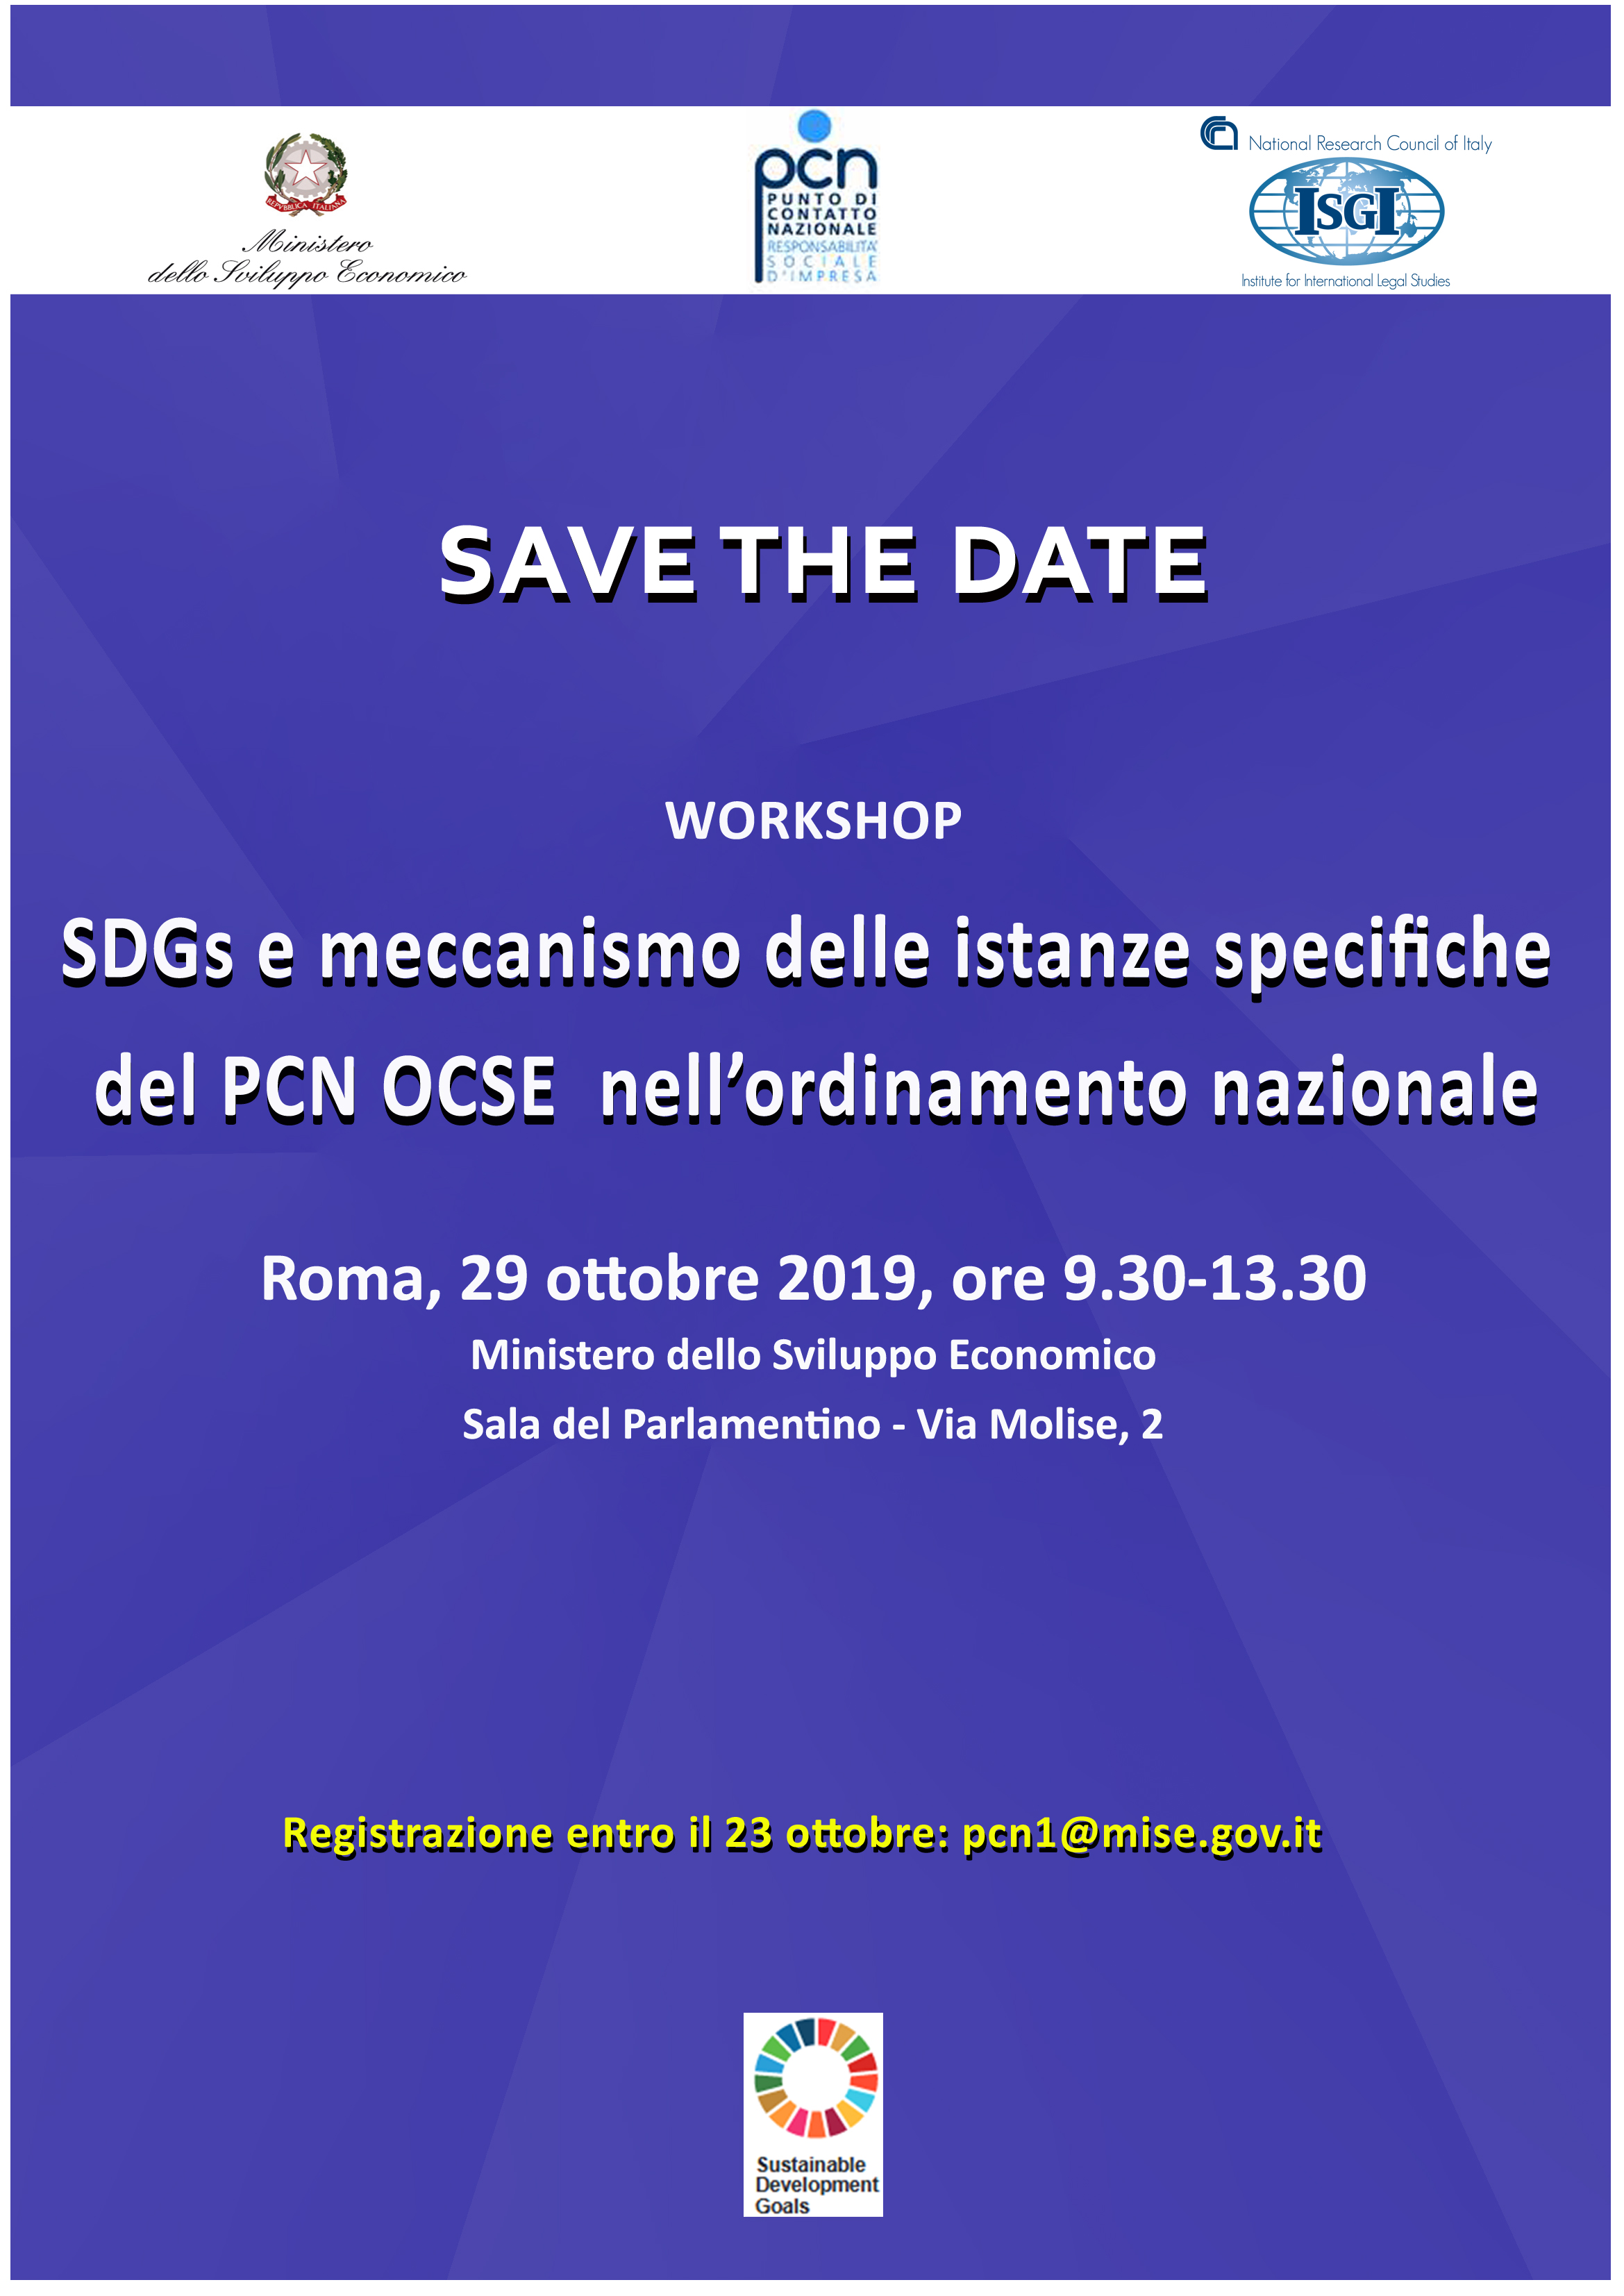 """Workshop """"SDGs e meccanismo delle istanze specifiche del PCN OCSE nell'ordinamento nazionale"""" 29 ottobre 2019, Roma"""